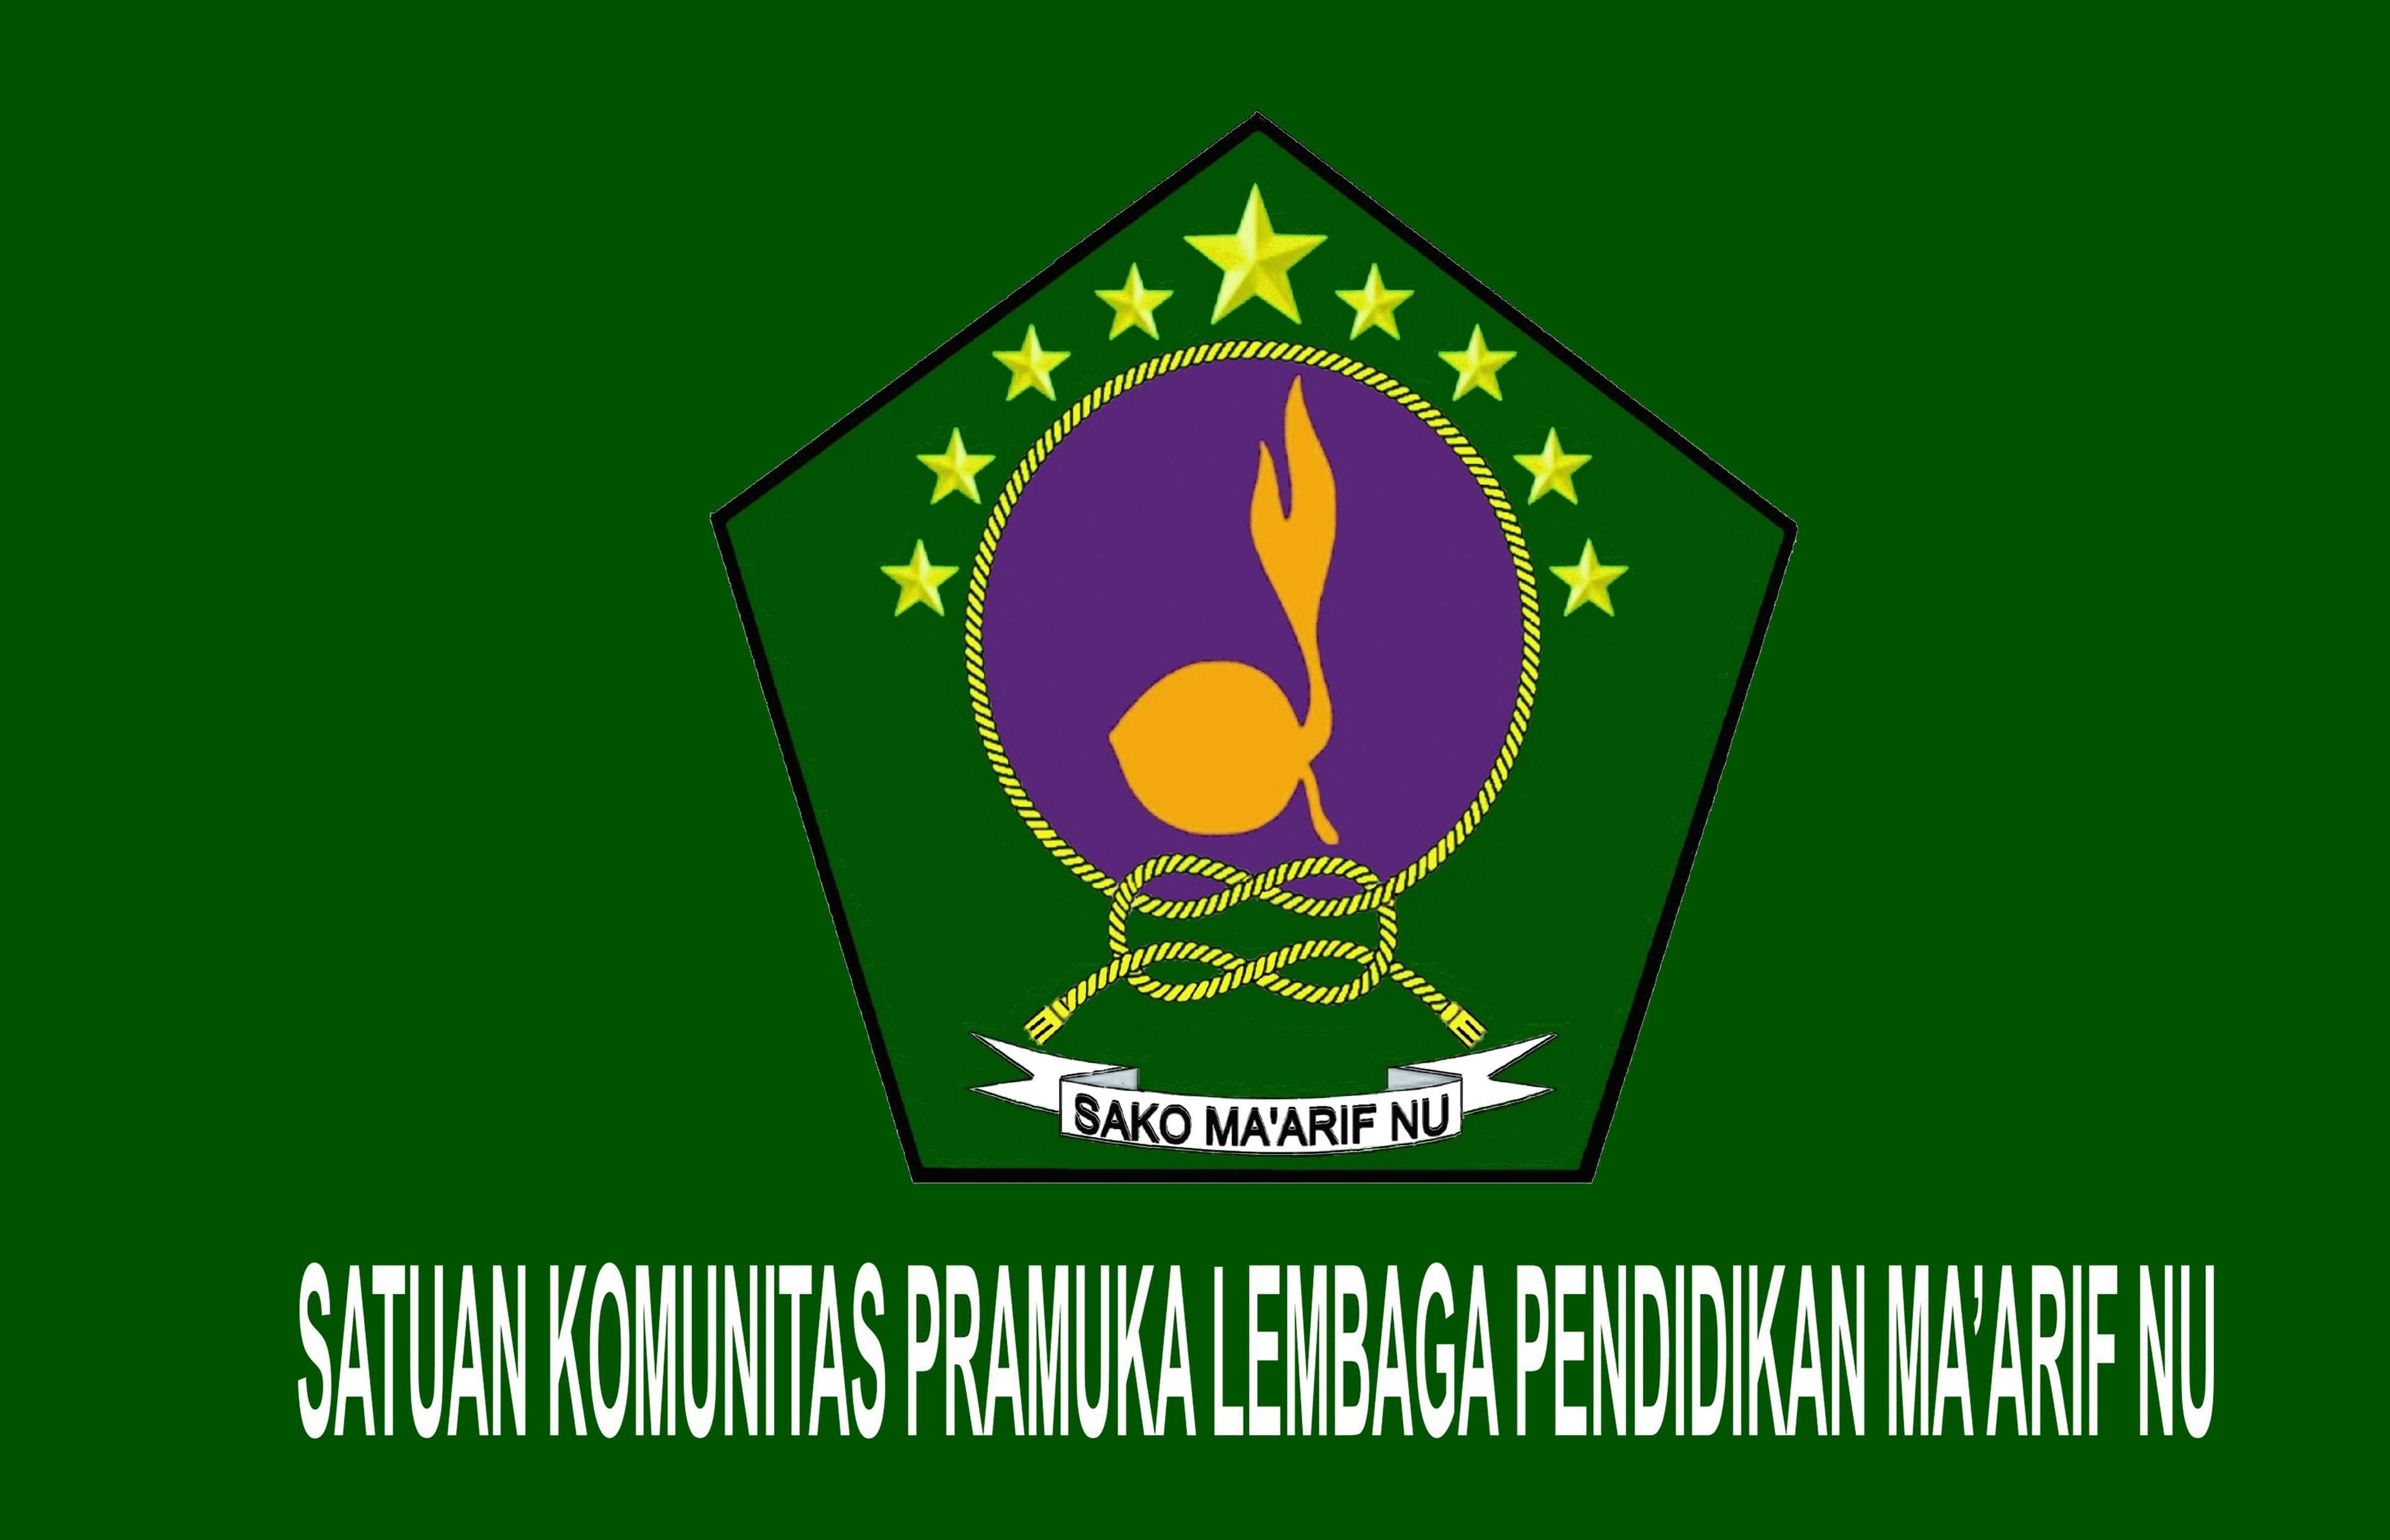 Logo Sako Maarif Nu Pendidik Agama Dan Pramuka Aneka Badge Regu Penggalang Bendera